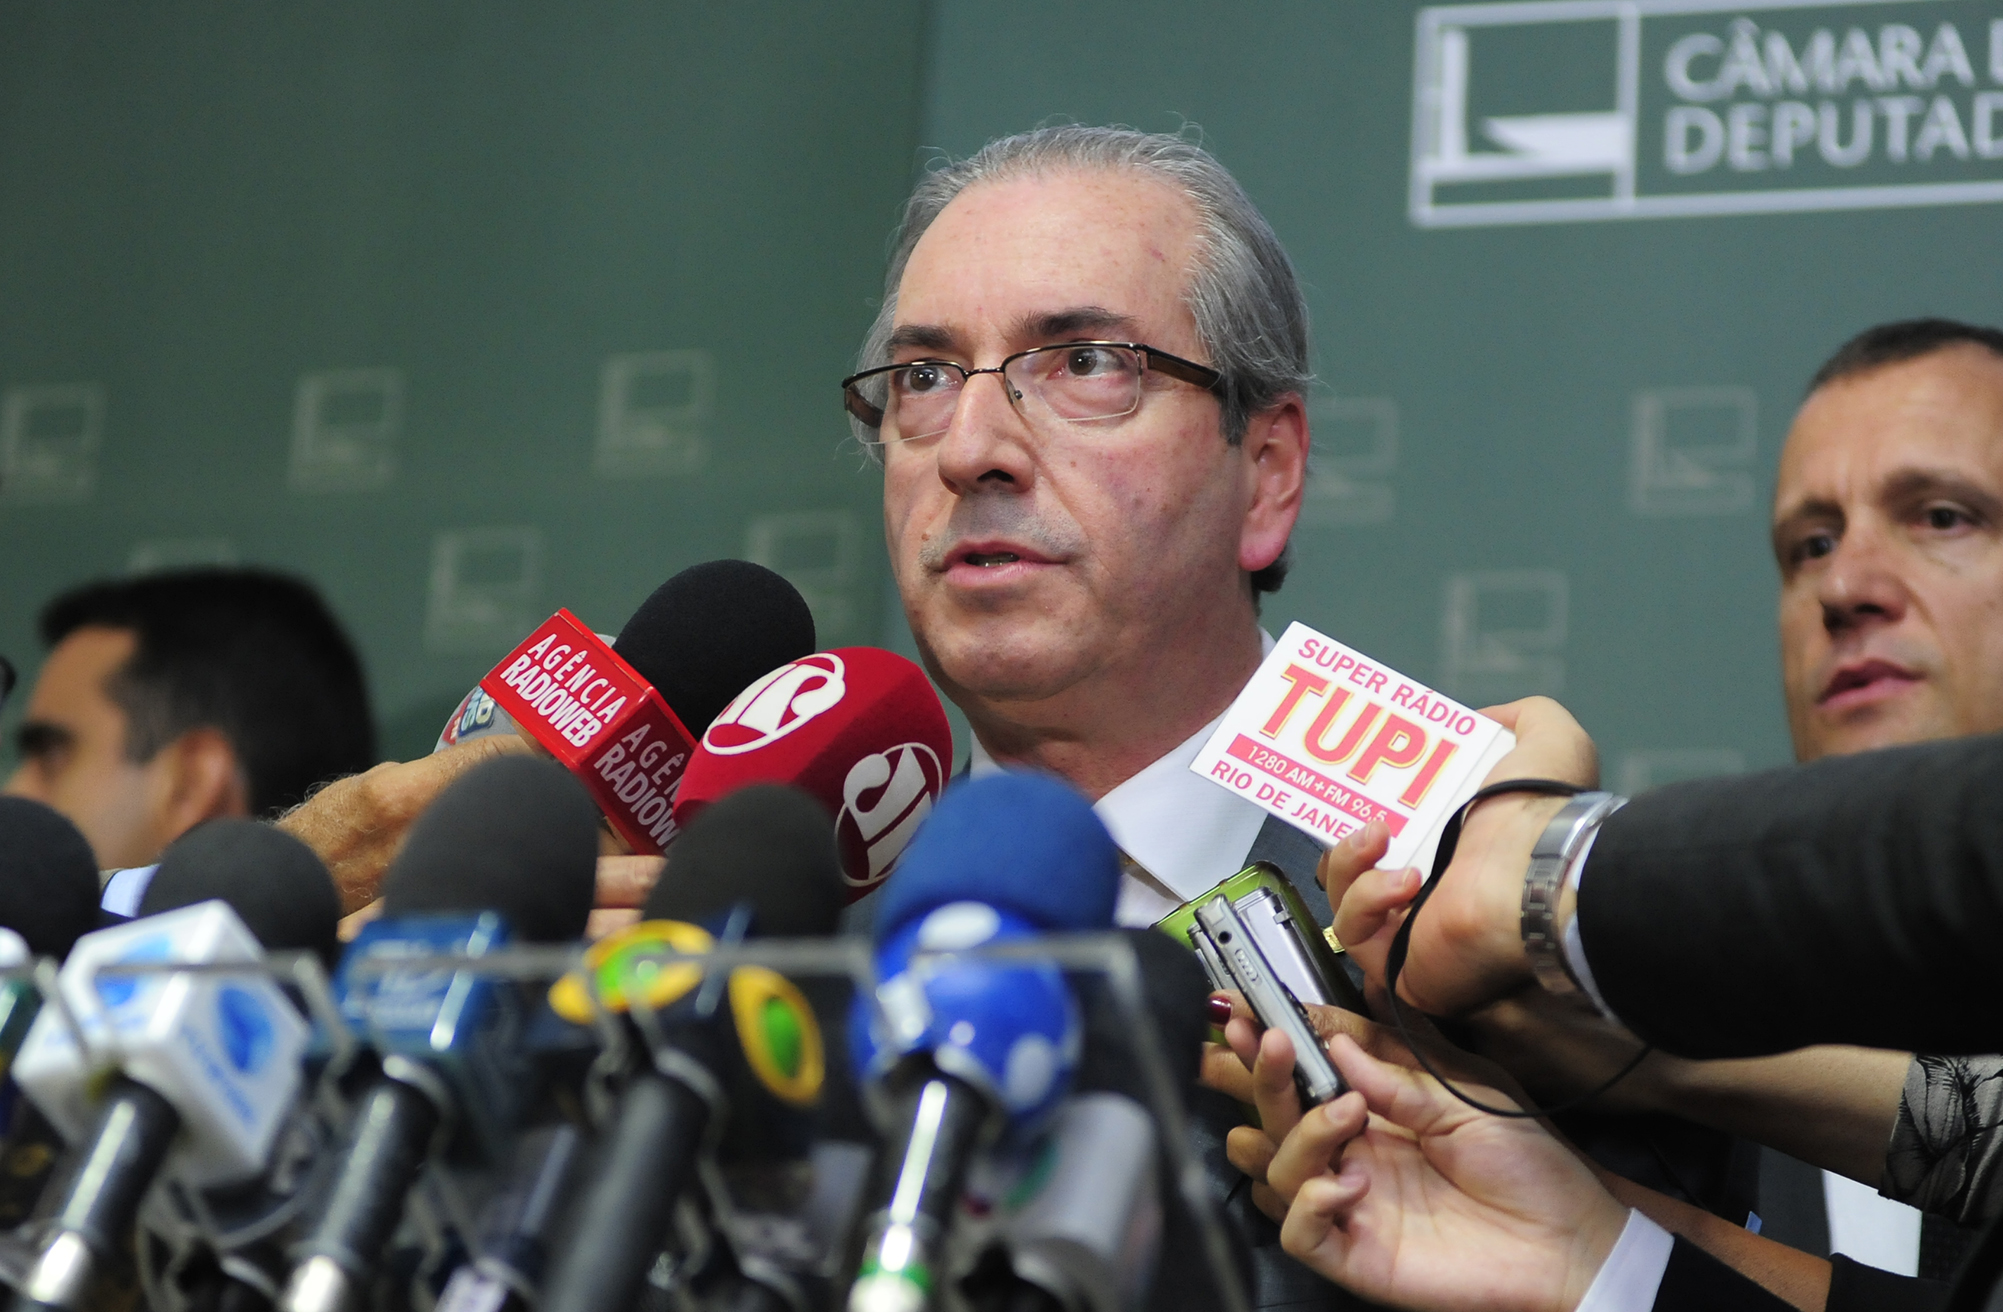 Impasse: Cunha afirma que não haverá votações no Plenário até decisão do STF sobre impeachment